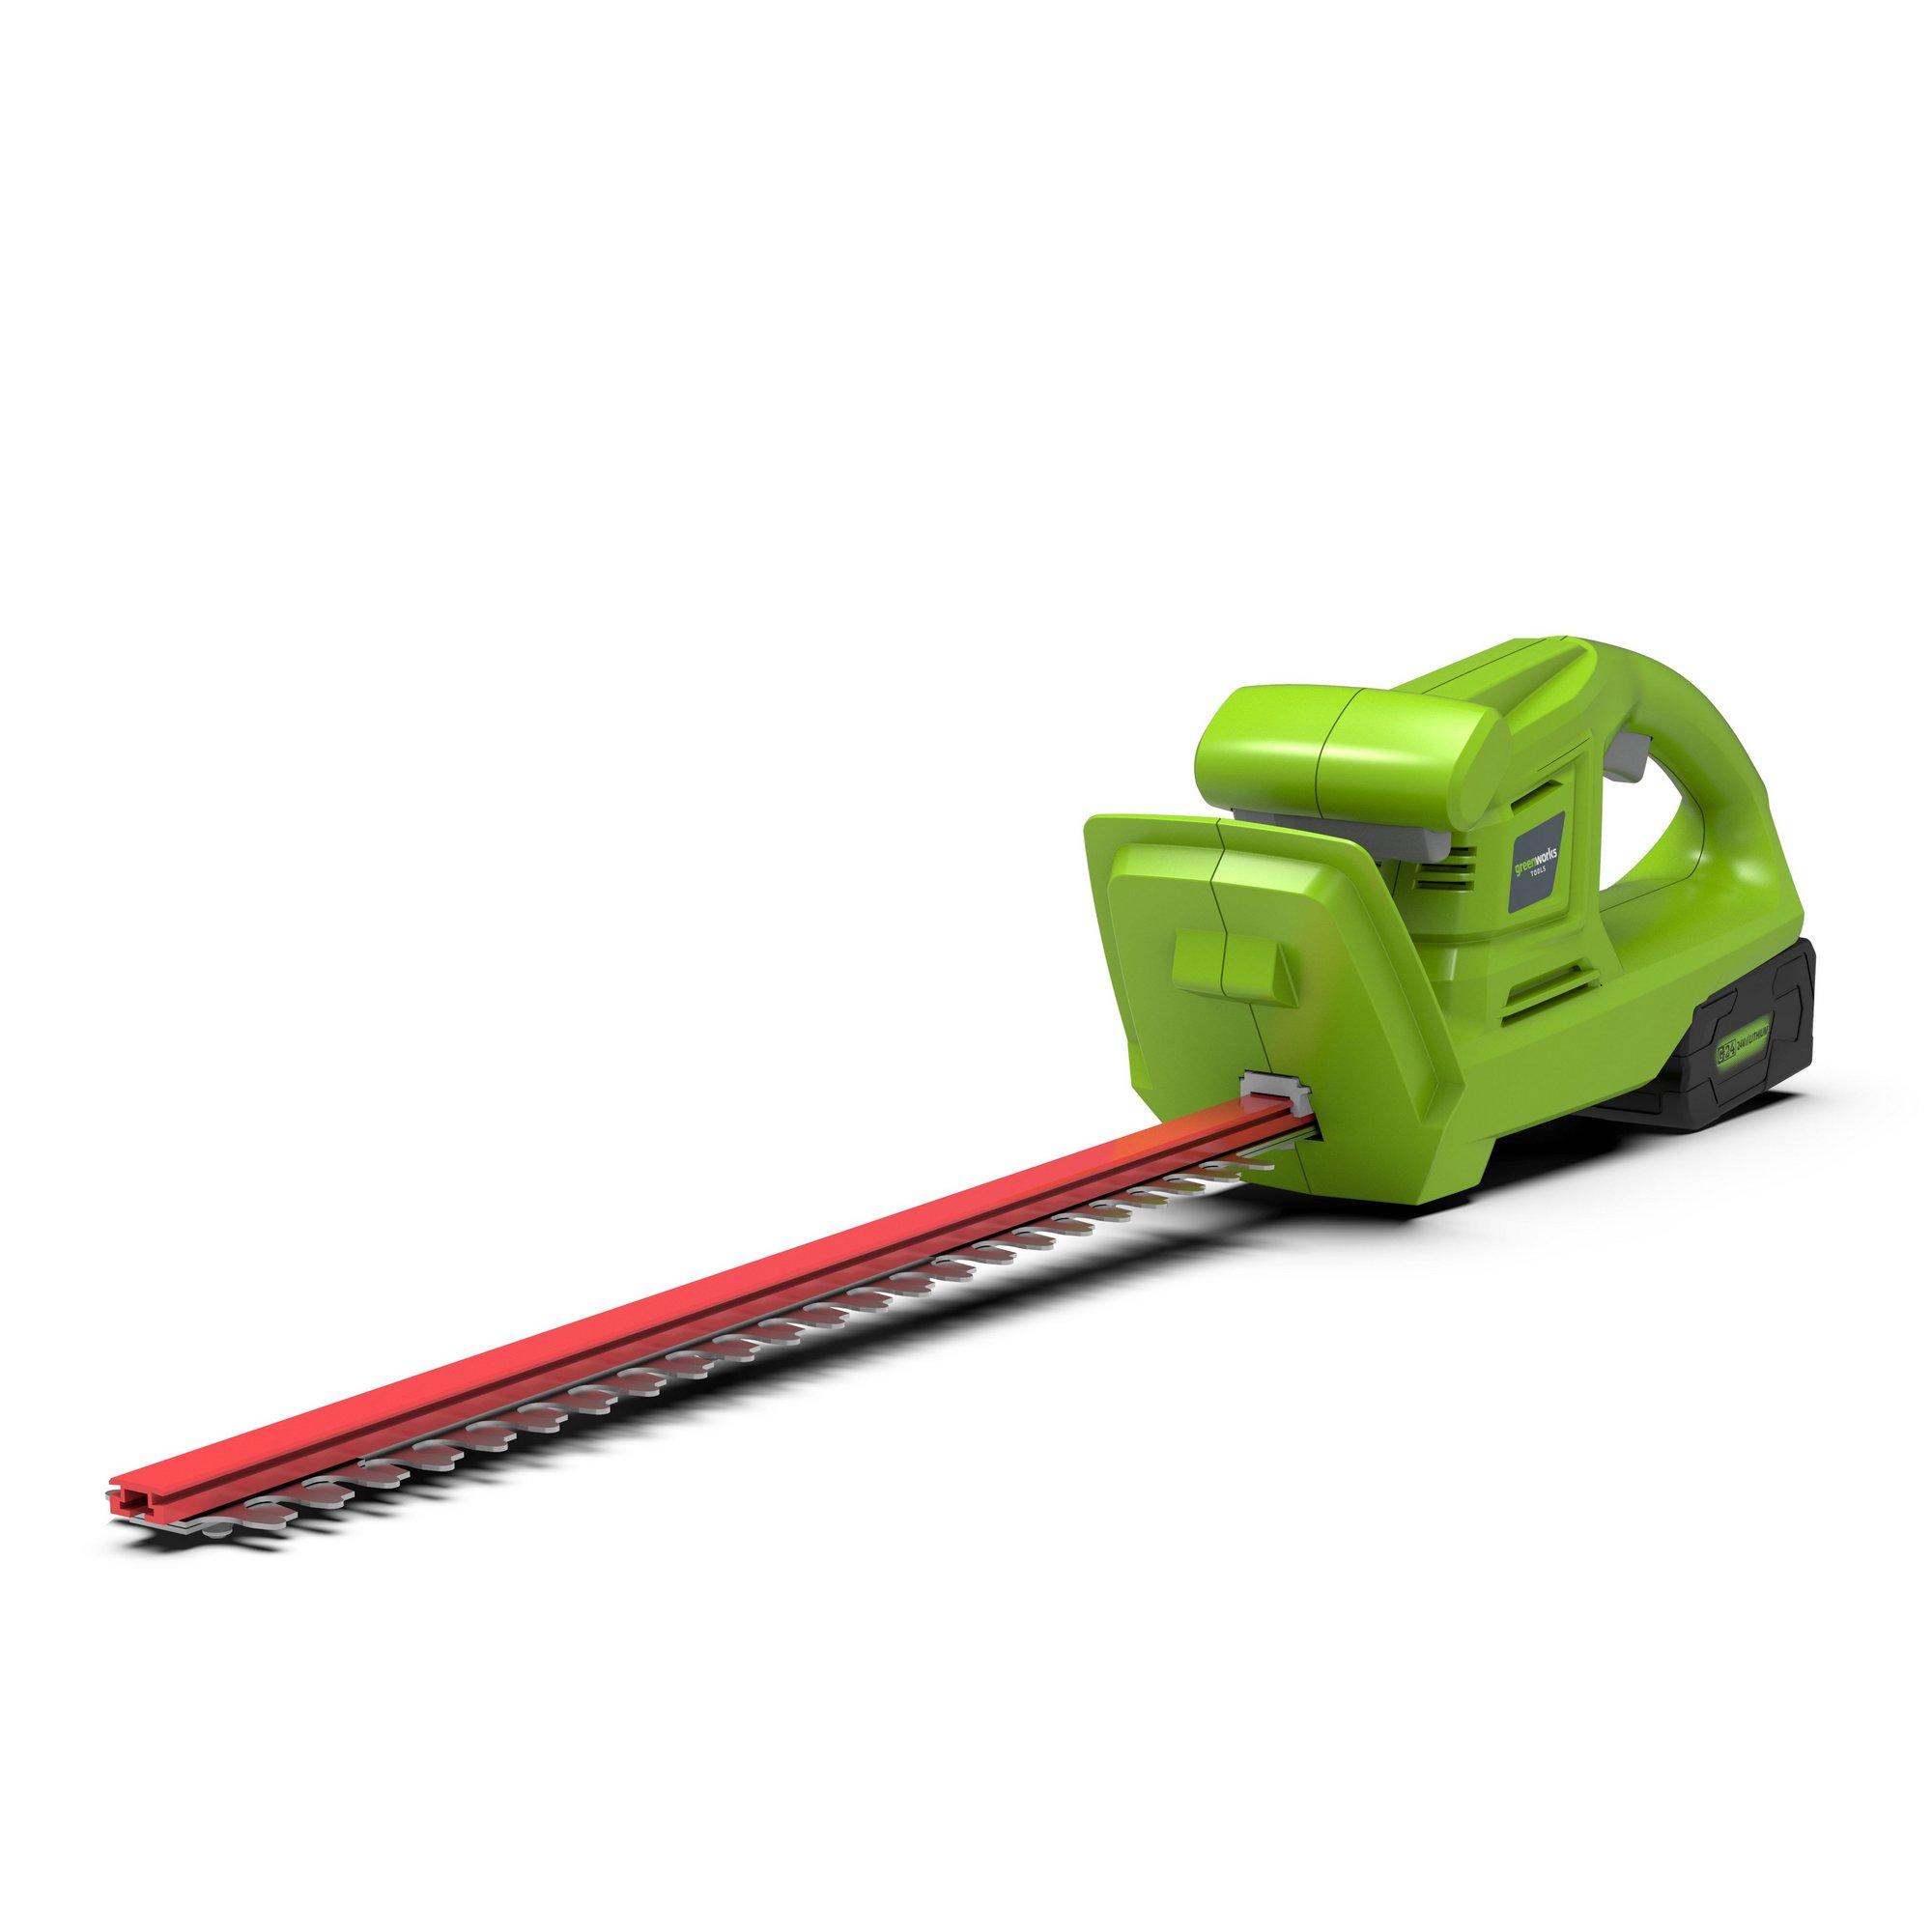 Image of Greenworks 24V Cordless 51cm Hedge Trimmer